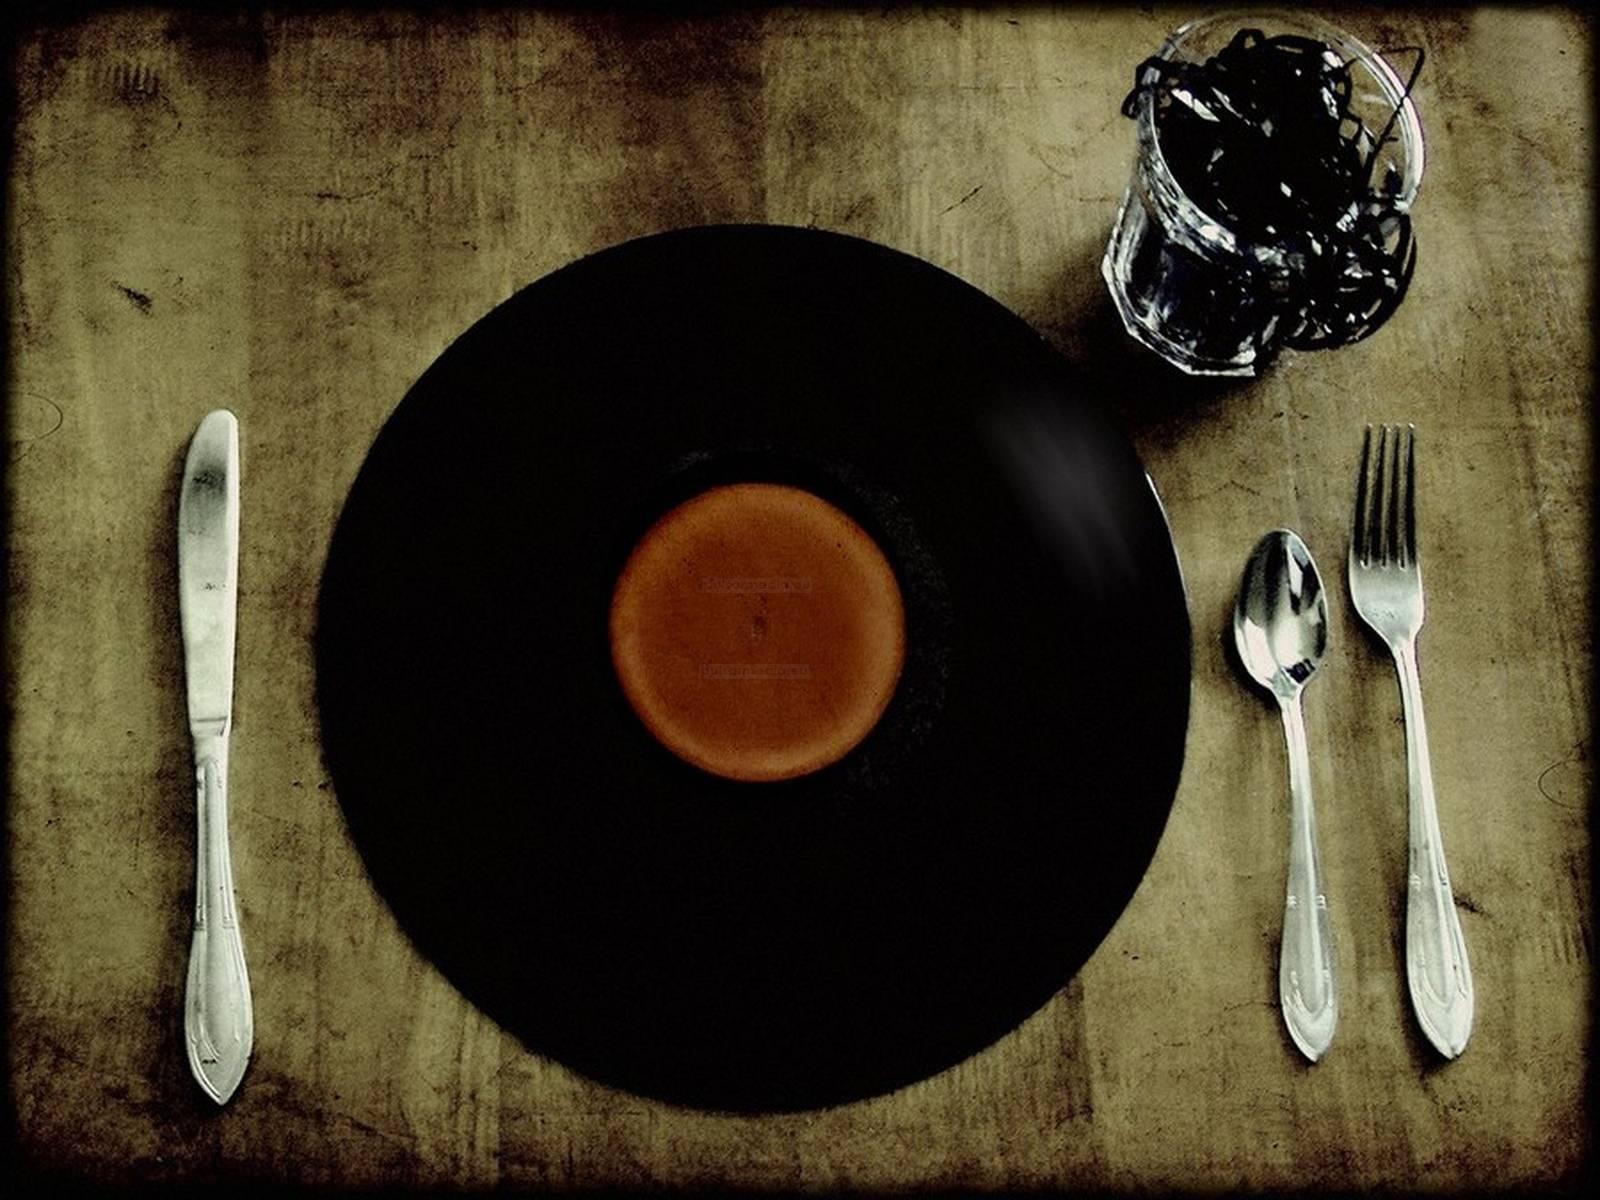 15 Canciones con nombres de comida - Radio Cantilo